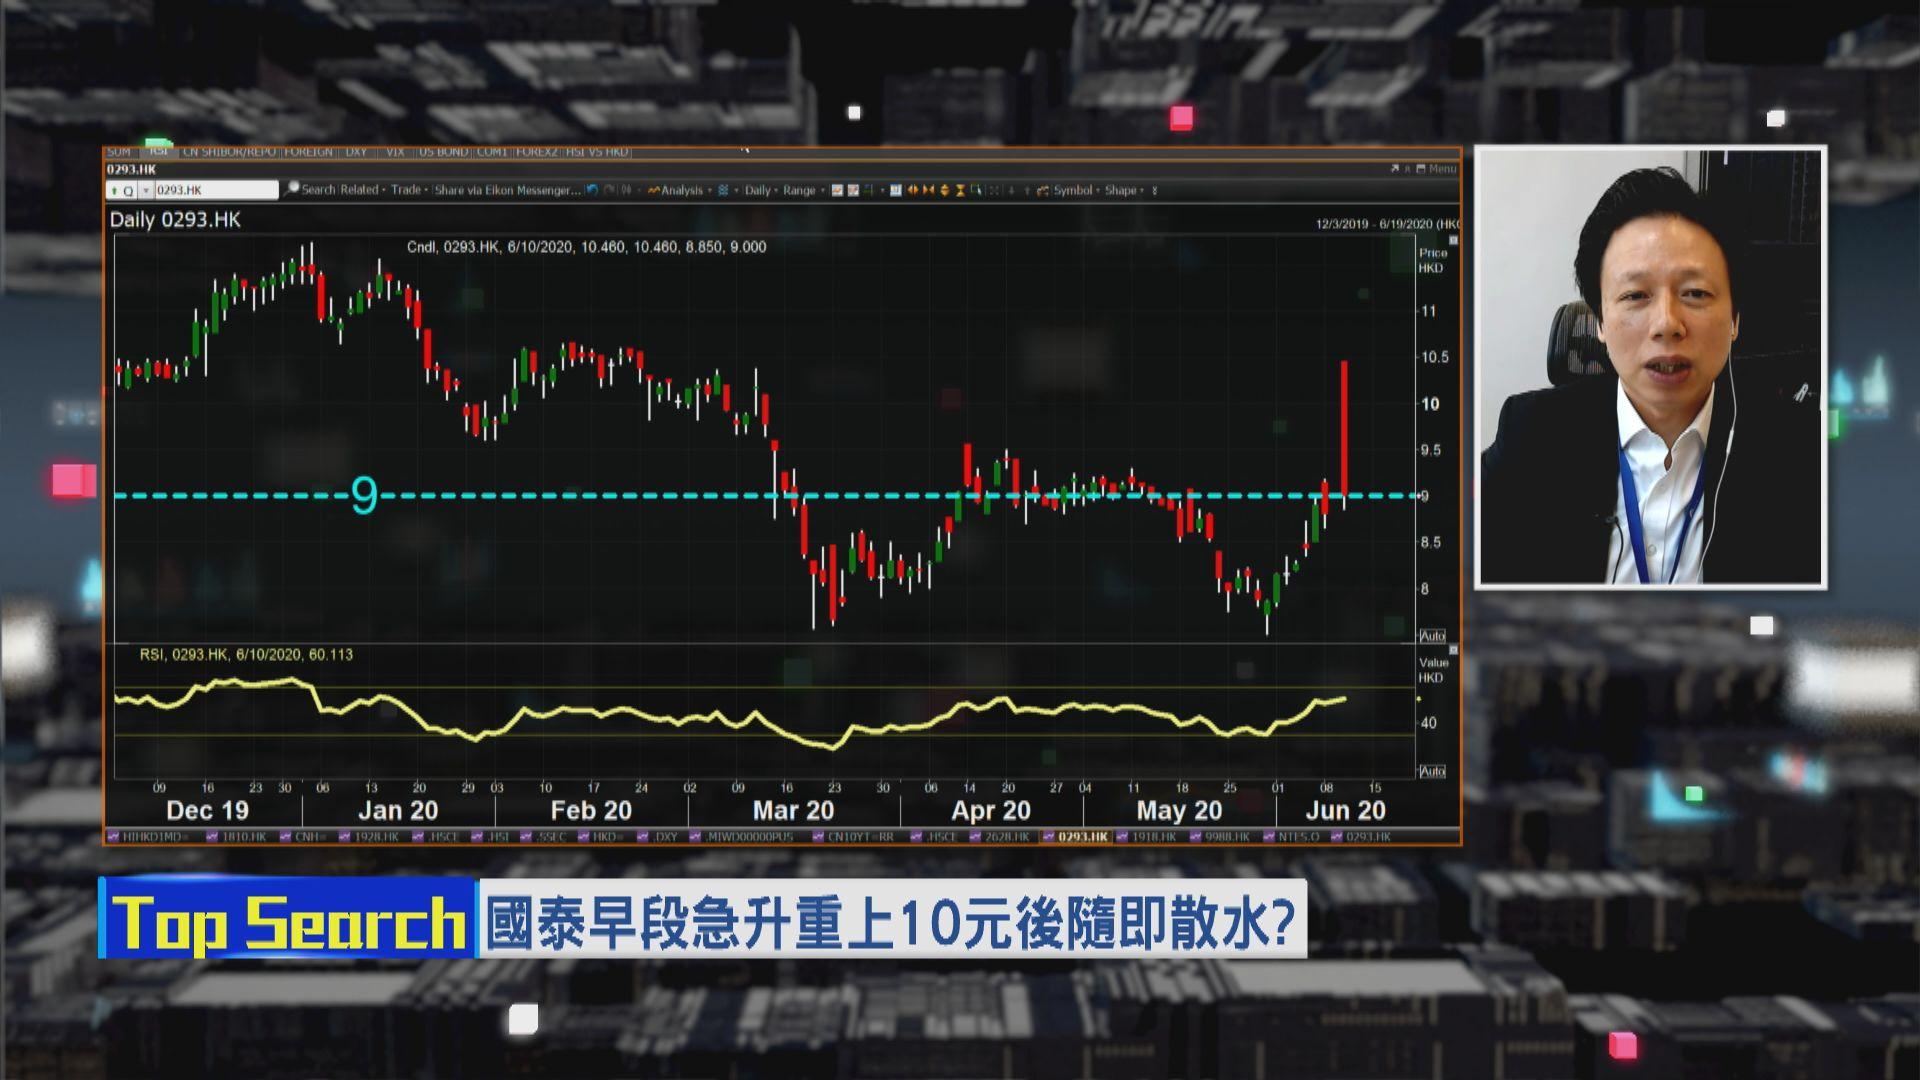 【財經TOP SEARCH】國泰復牌後股價大幅波動